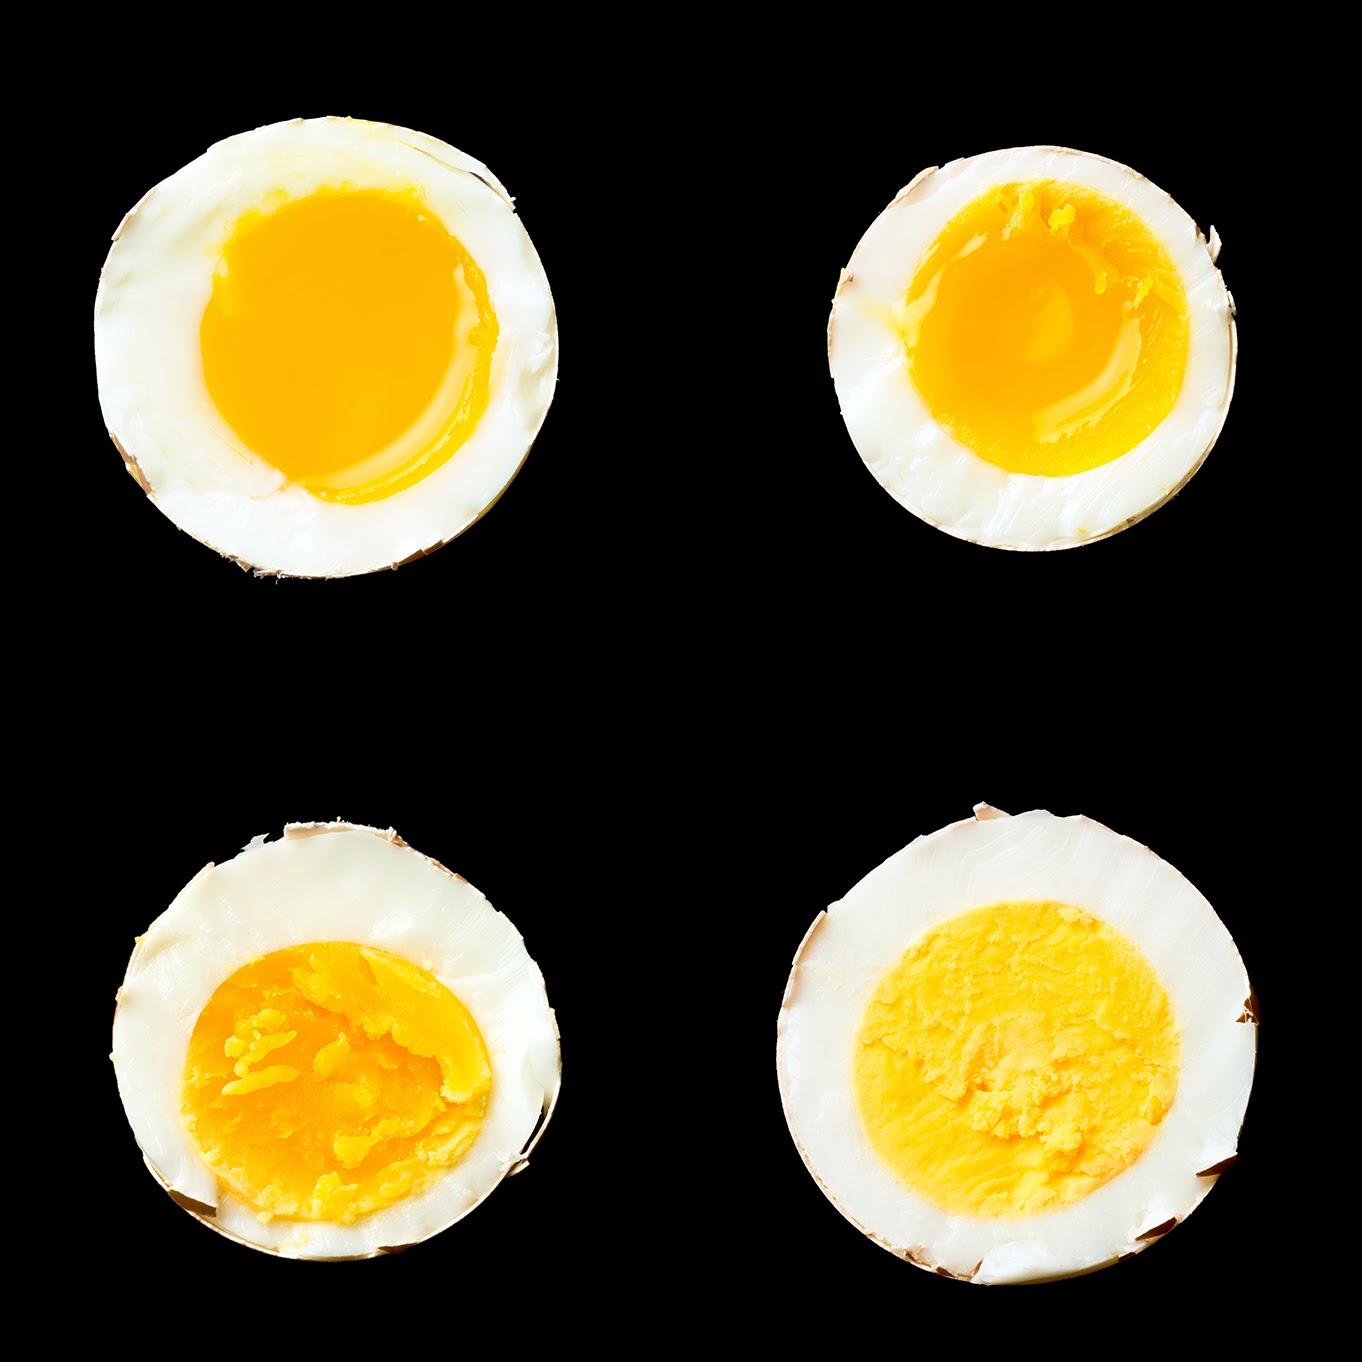 Lekker & Liquor: Lagniappe: How to Boil an Egg